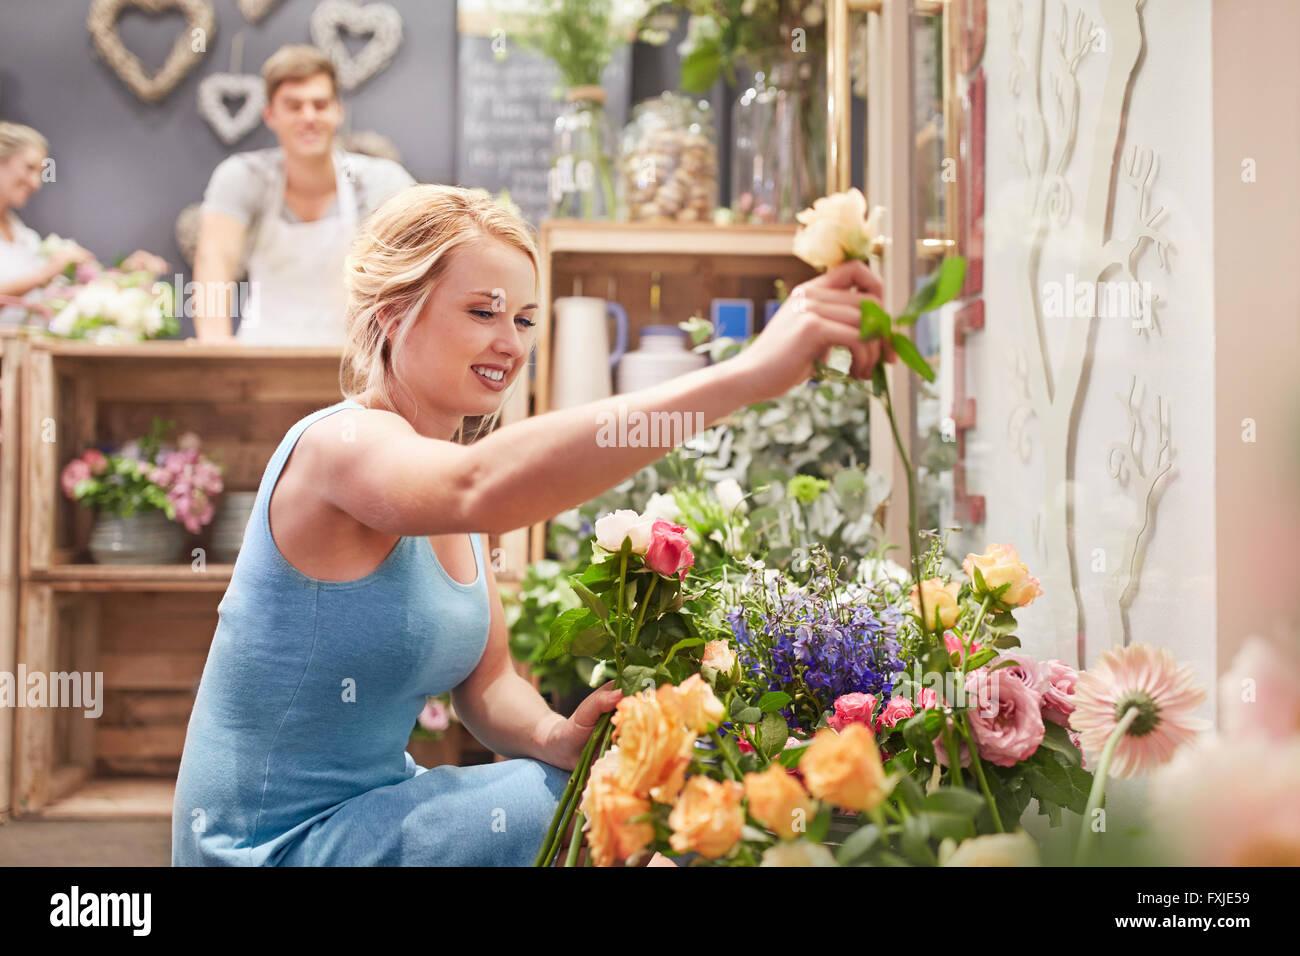 Mujer sonriente recogiendo flores en flower shop Imagen De Stock